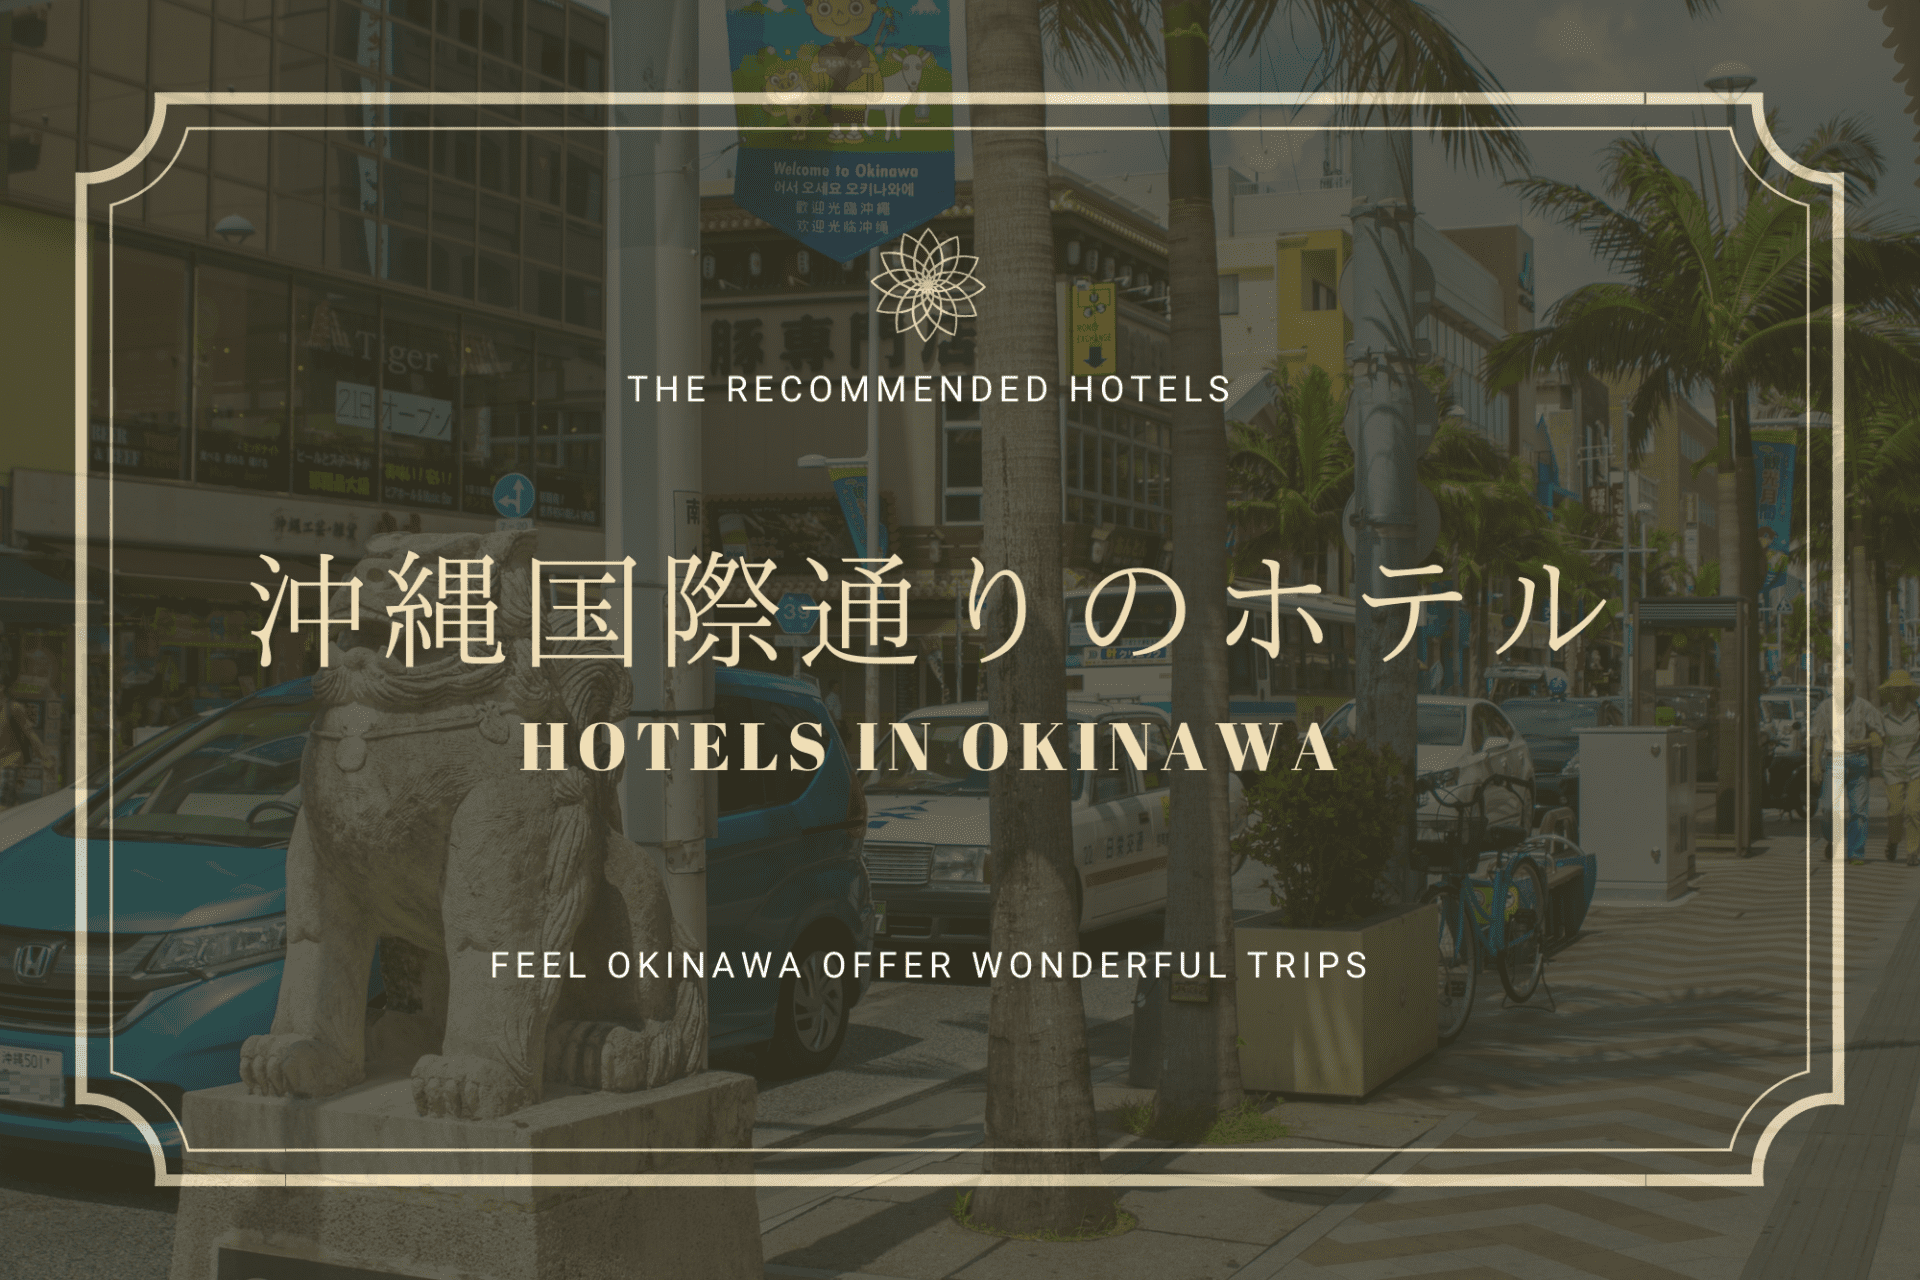 那覇 国際 通り ホテル 沖縄 旅行 観光